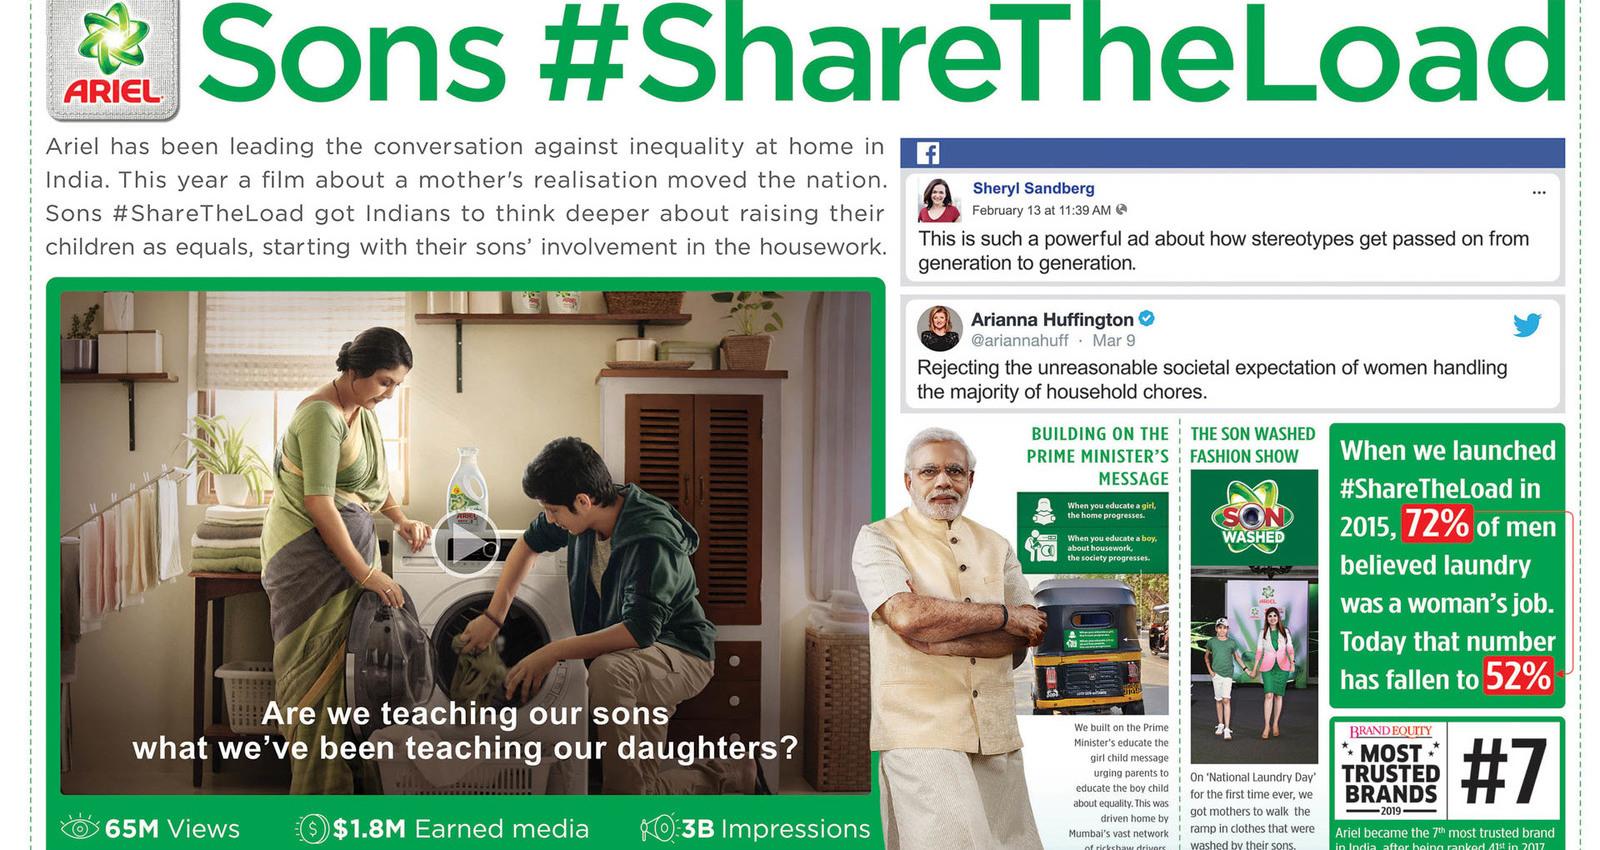 Sons #ShareTheLoad